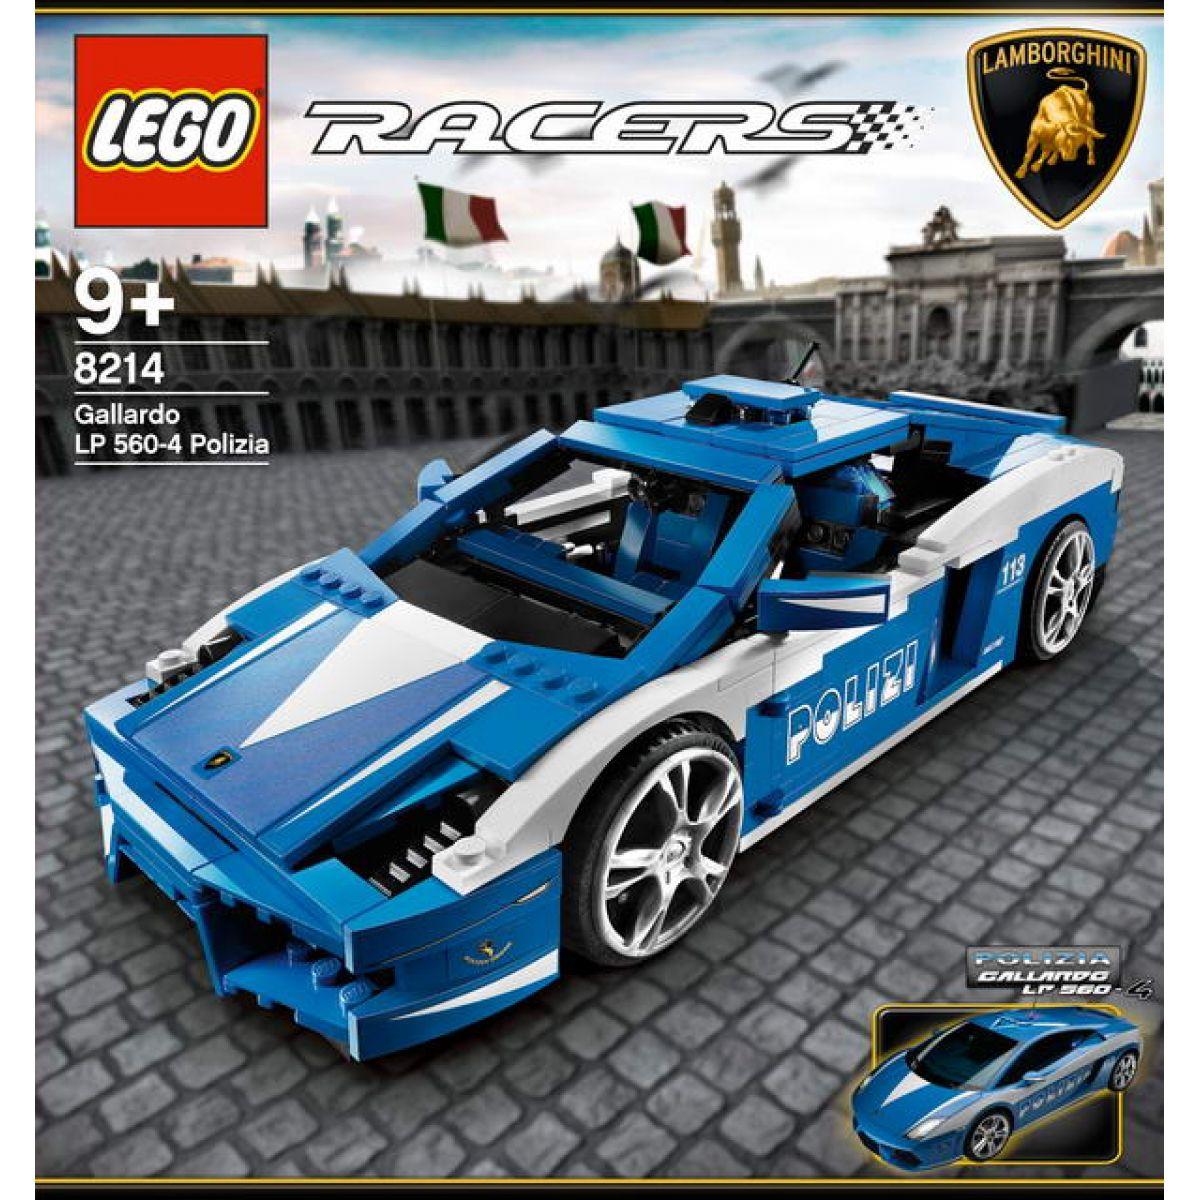 LEGO RACERS 8214 Lamborghini Polizia LP 560-4 Polizia